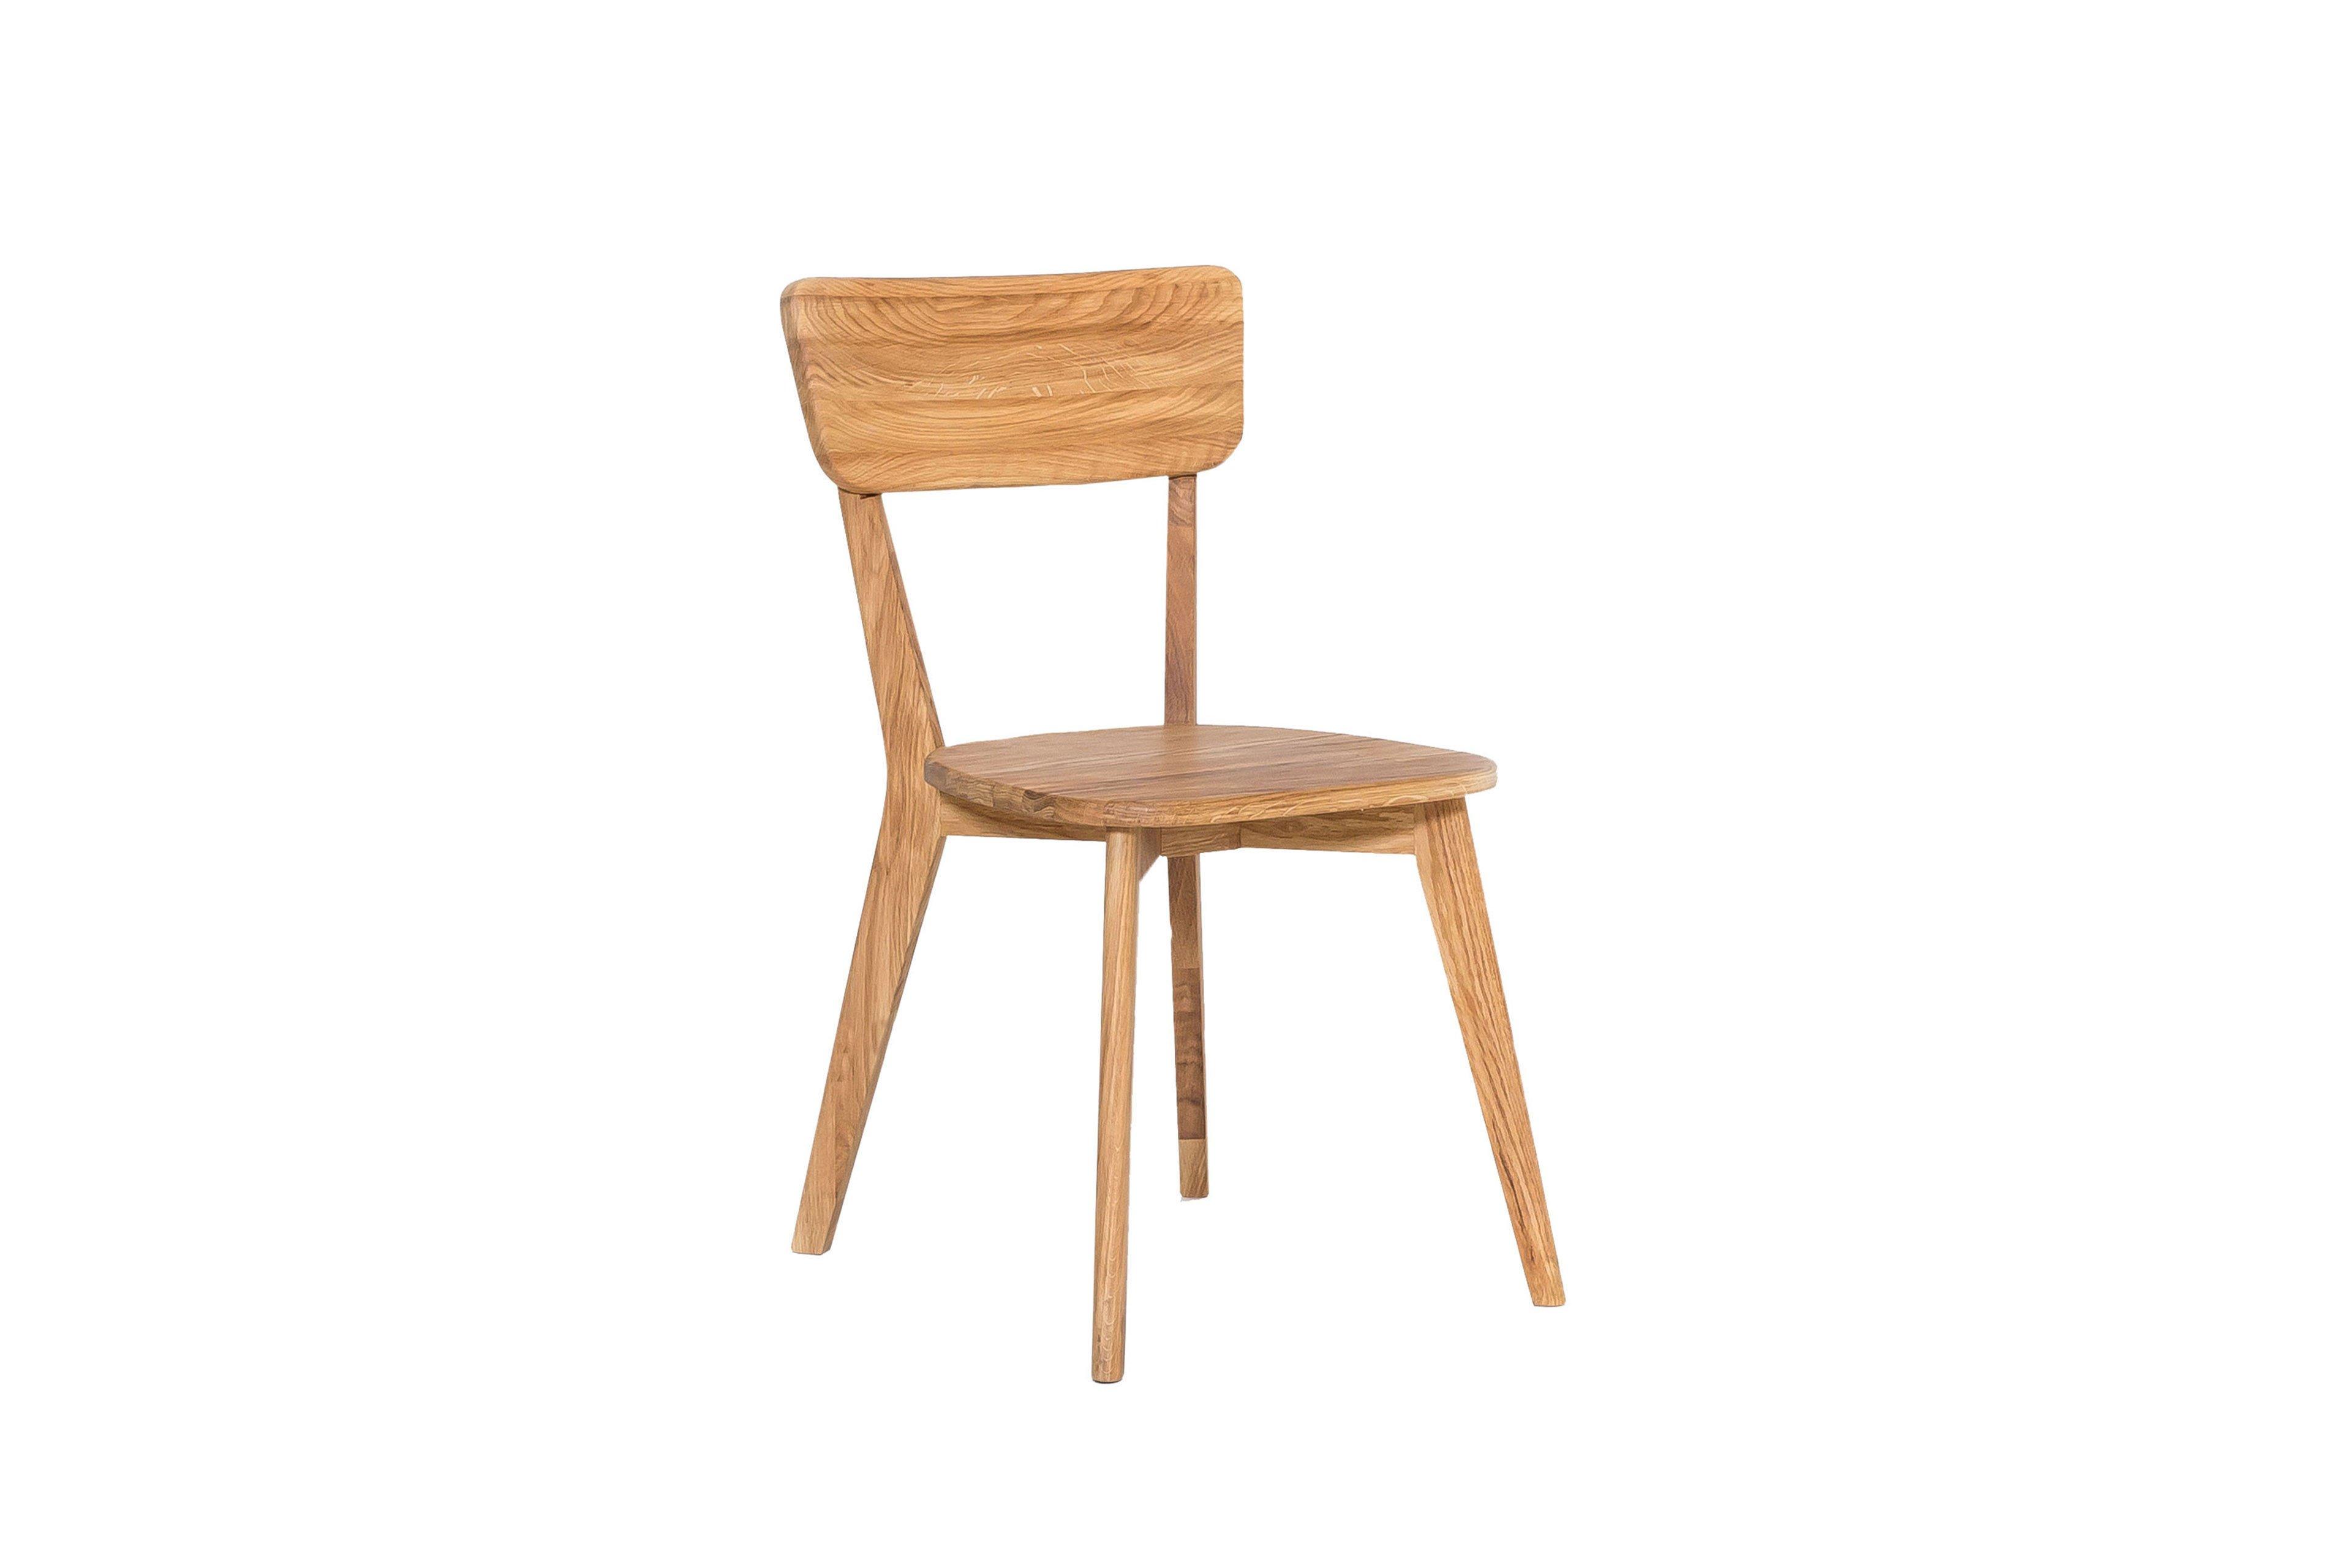 Standard Furniture Holzstuhl Noci Aus Eiche Mobel Letz Ihr